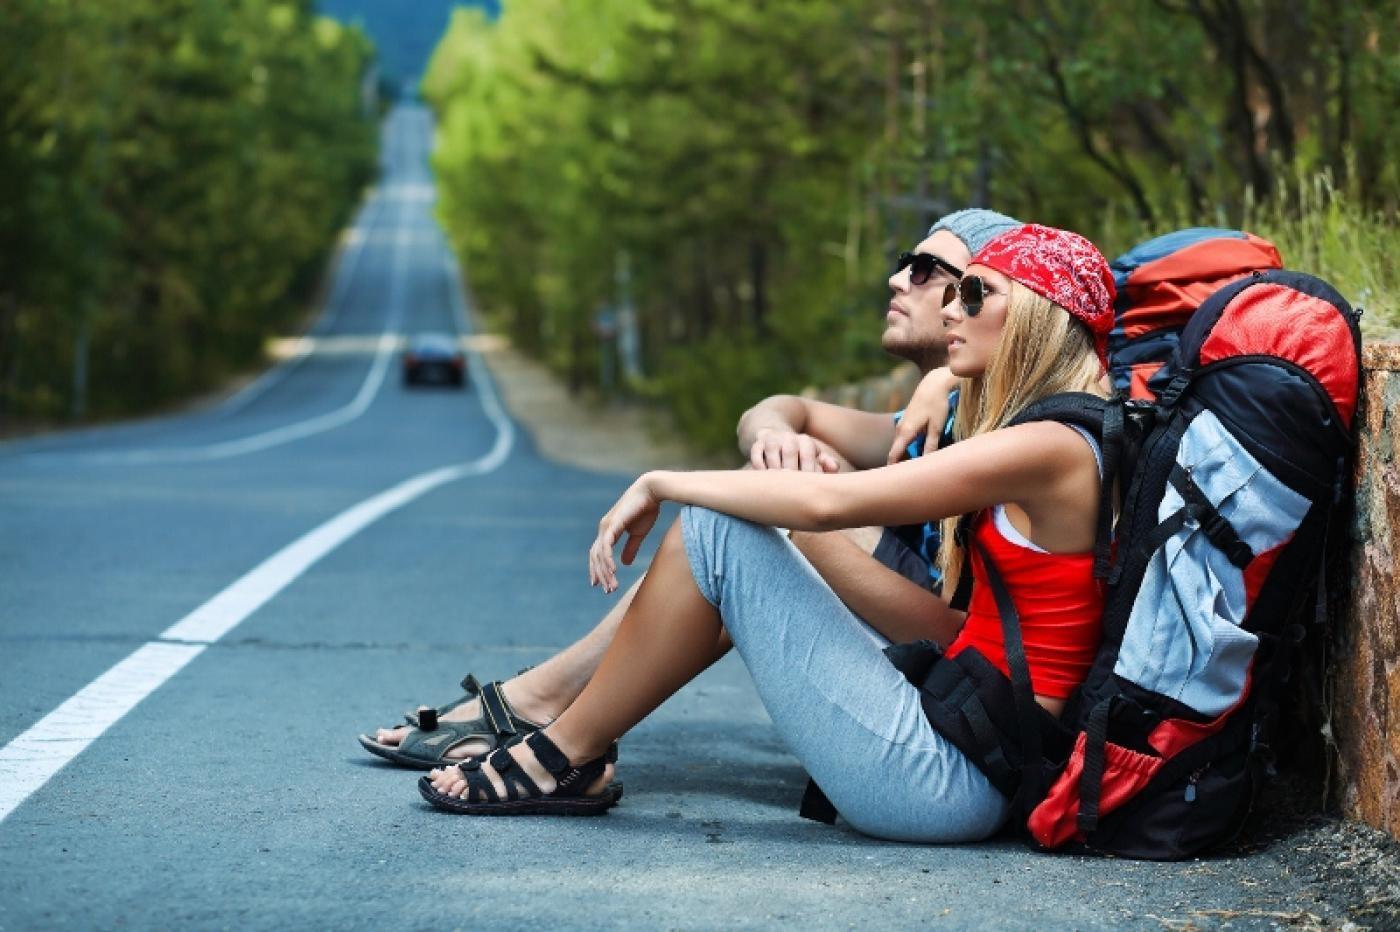 Горящие туры или самостоятельное путешествие? Разбираемся вместе с Doba.ua